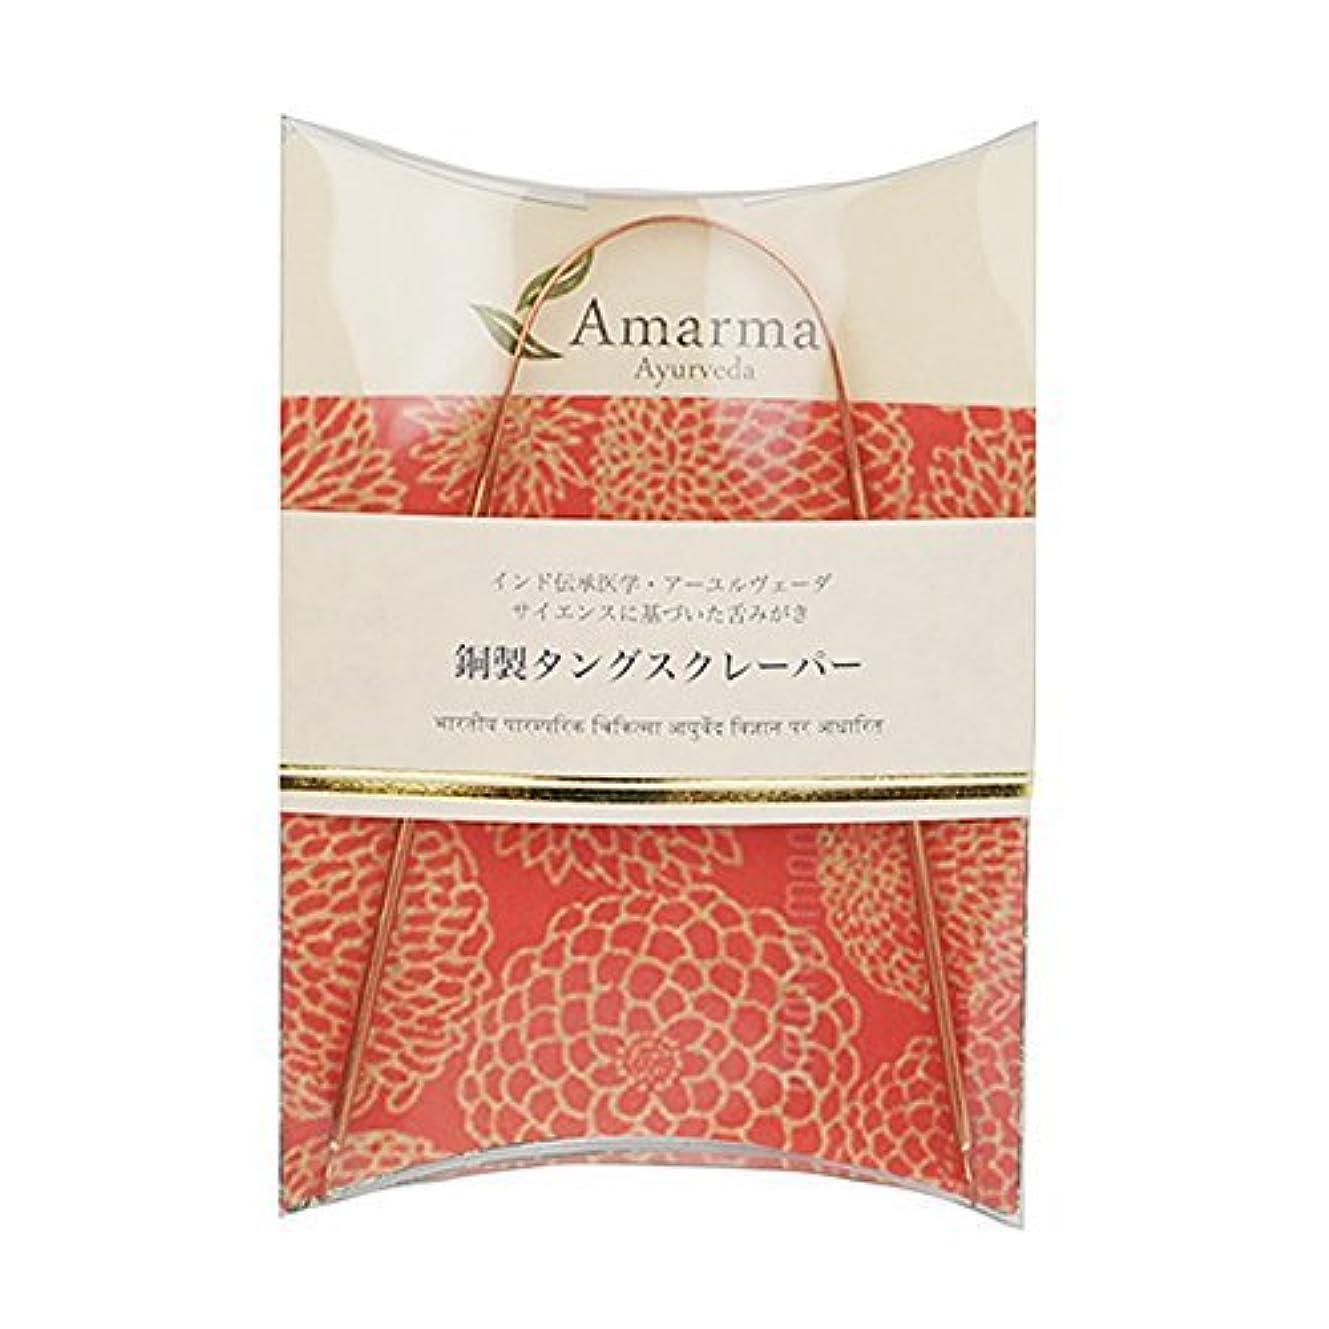 デッキ知的ペルセウス銅製タングスクレーパー(舌みがき)日本製